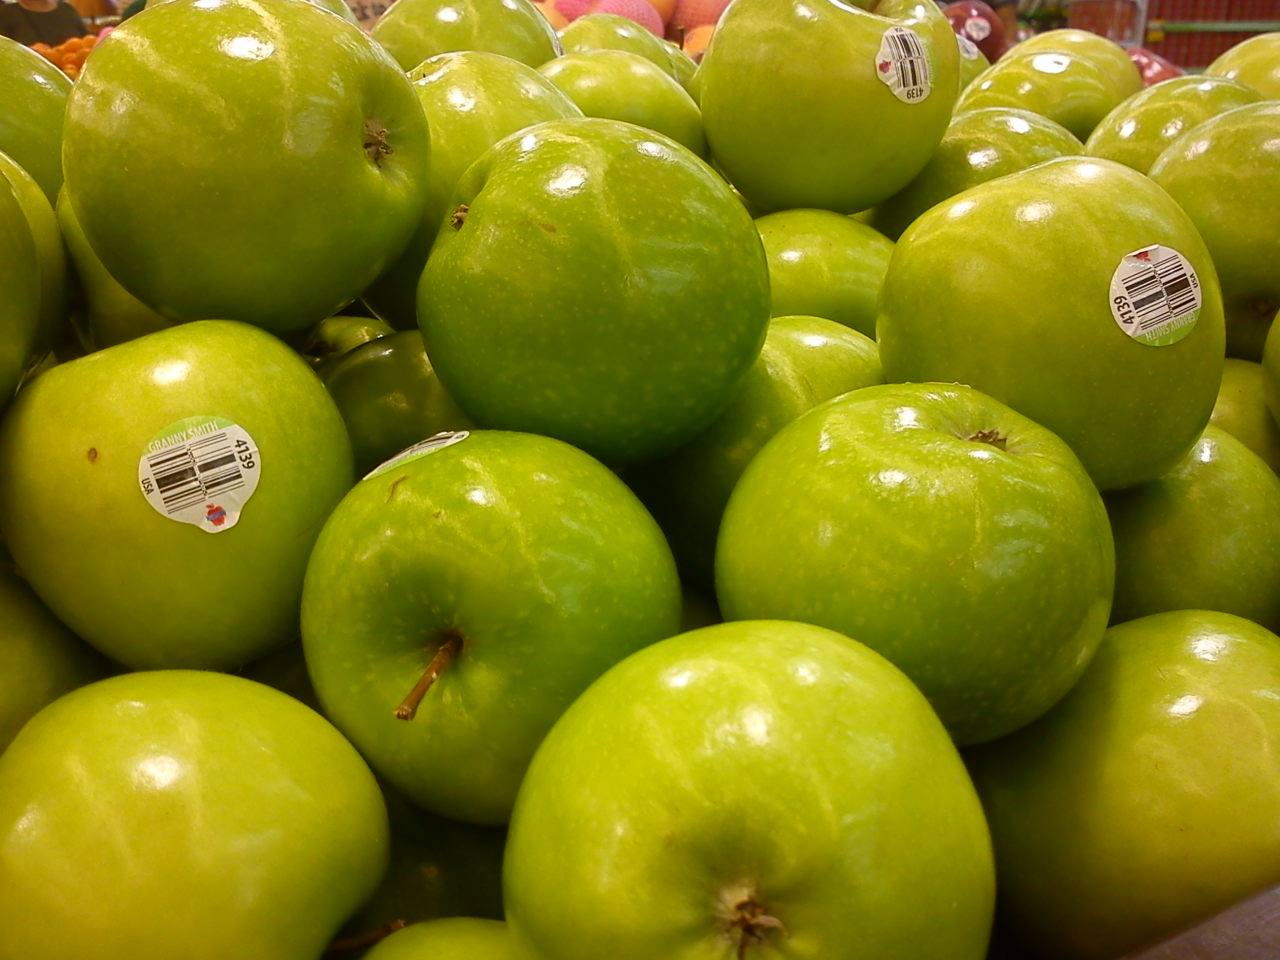 pemasaran hijau Tergiur dengan produk bandeng presto dan bakpia kacang hijau yang kami jual  ingin mencobanya langsung  tak perlu khawatir karena usaha kami berjalan dengan baik dan kami mengikuti perkembangan zaman.